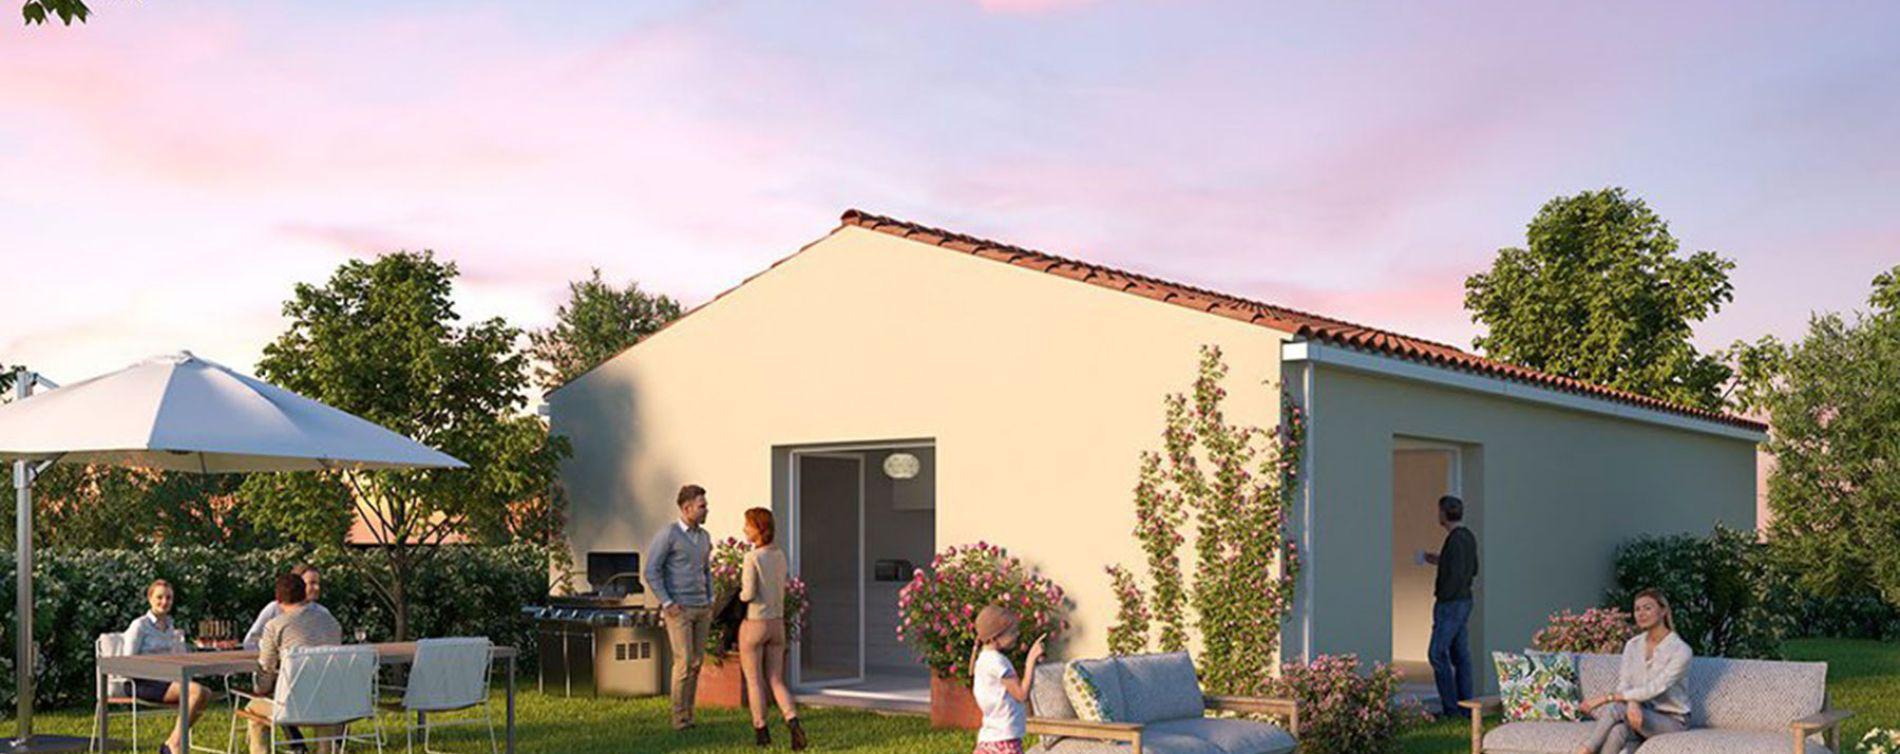 Bessières : programme immobilier neuve « Domaine des Coteaux » (2)